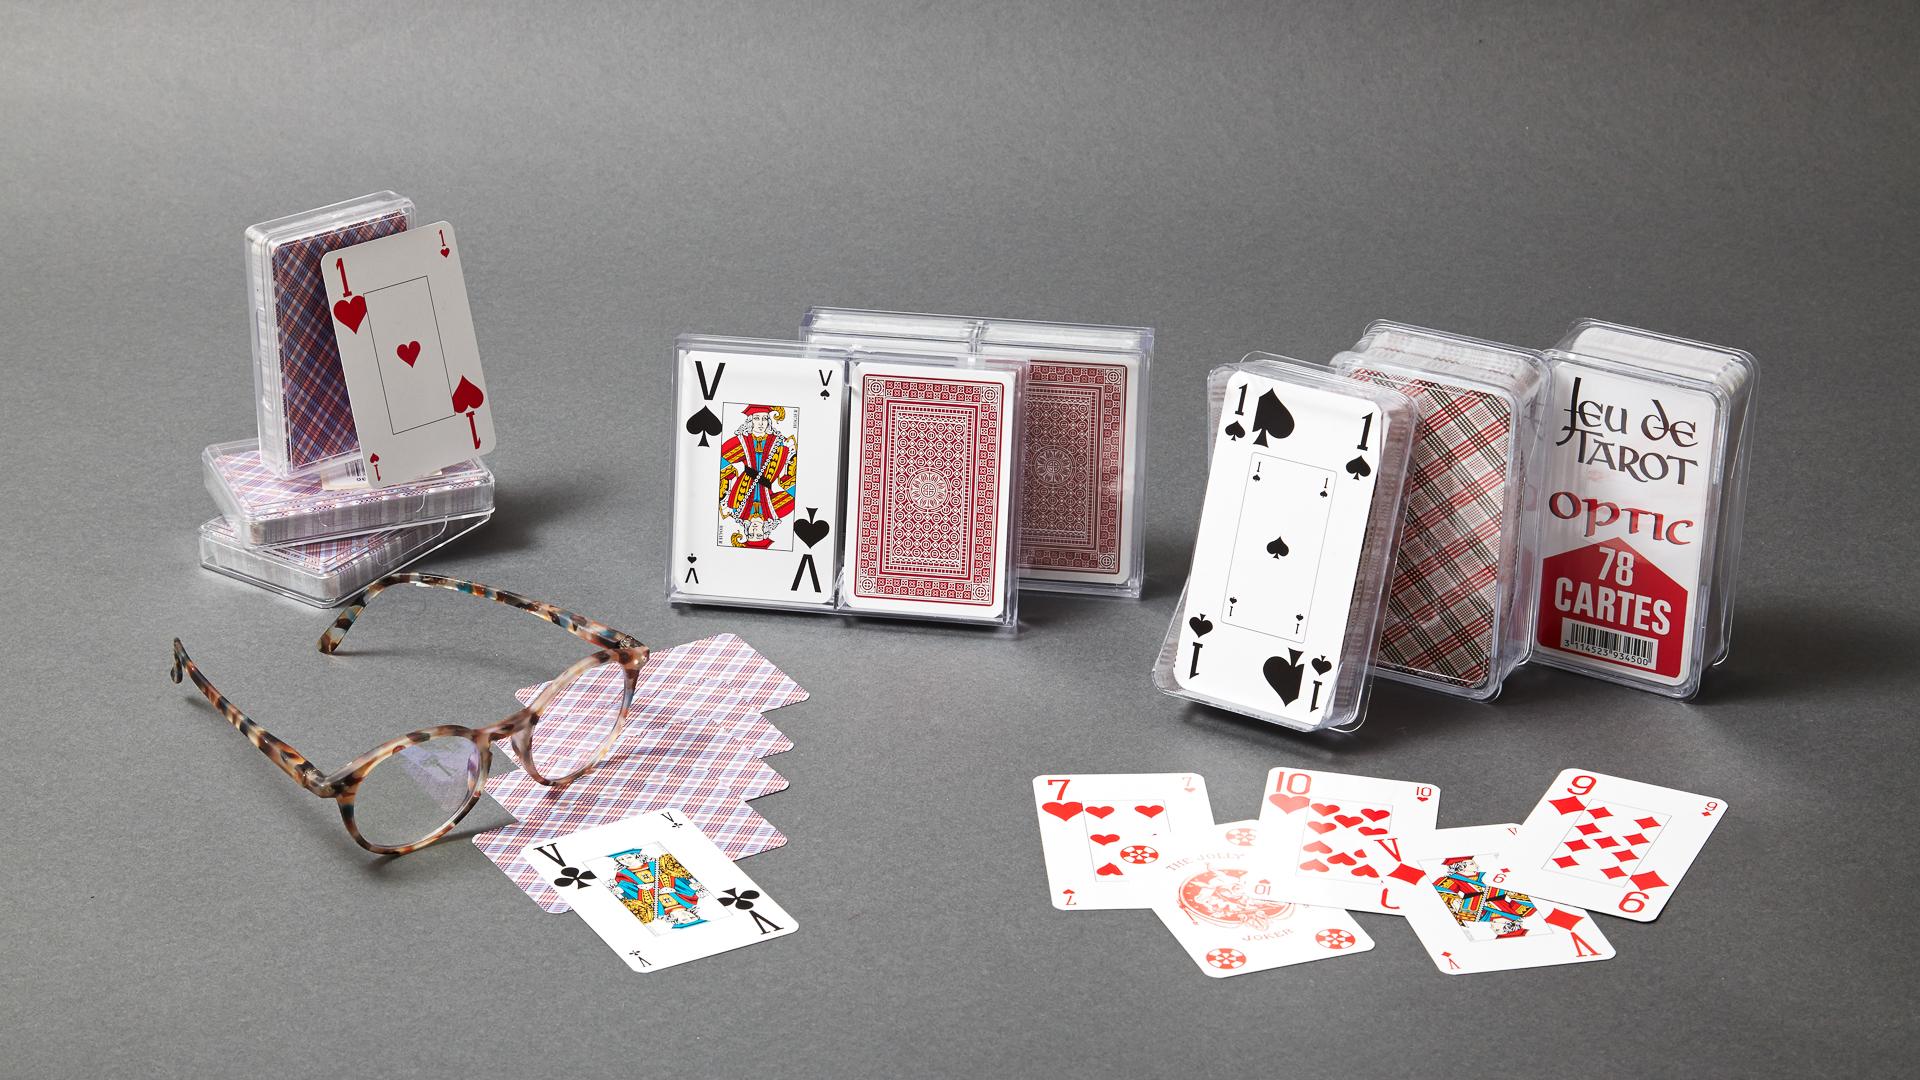 Gamme de cartes à jouer Optic Grimaud